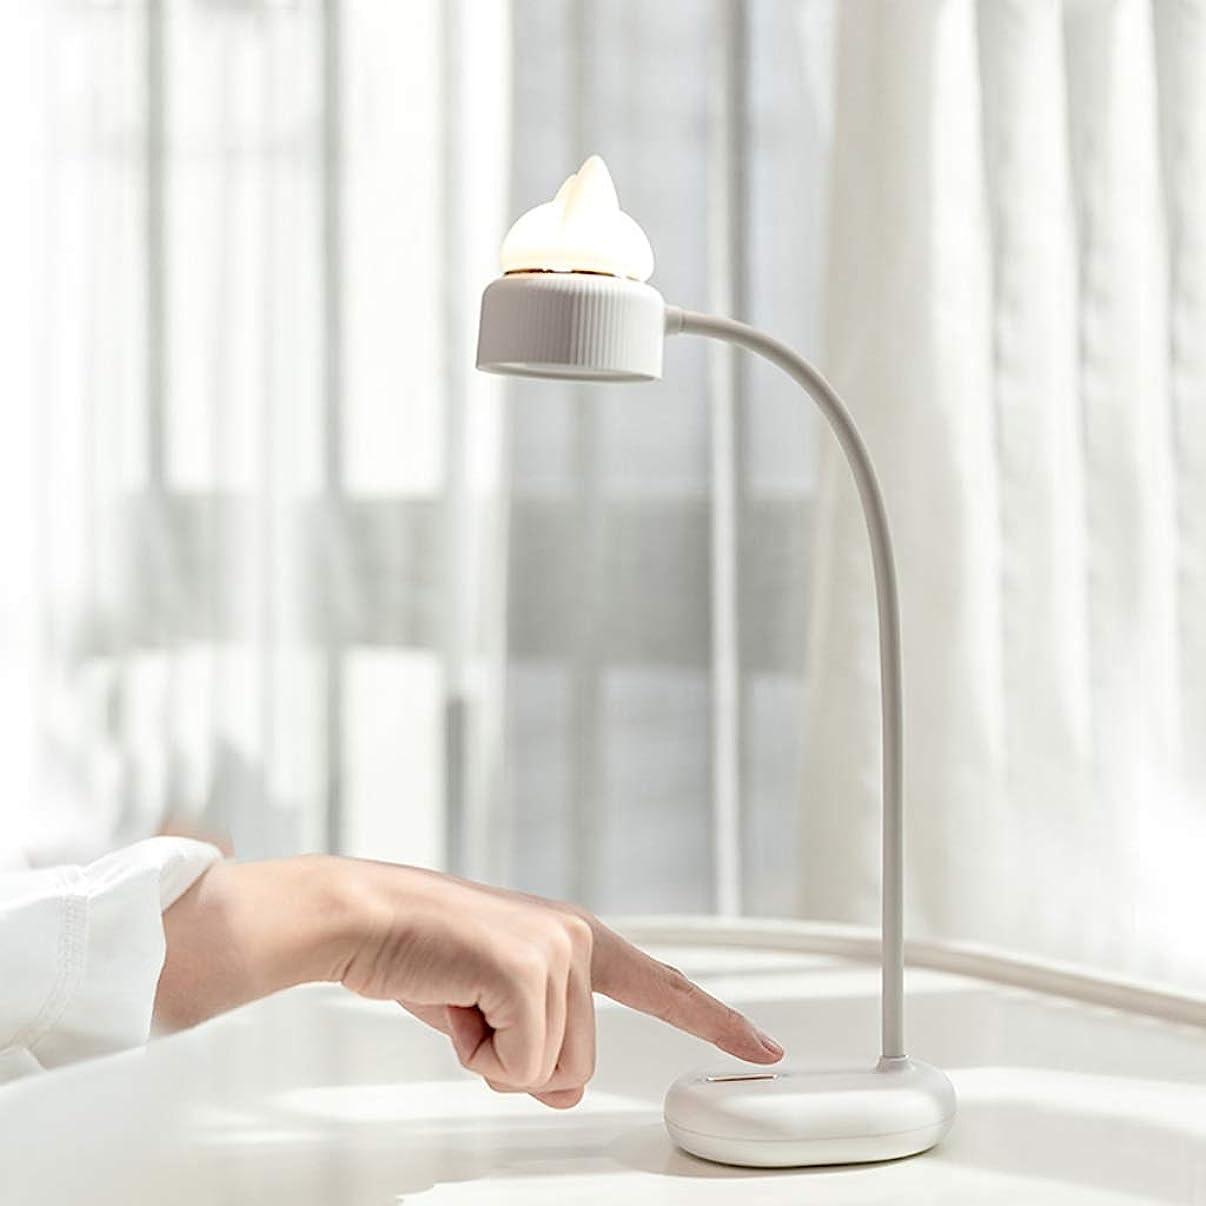 現象生きるロボットLEDナイトライト 小型省エネの寮の読書目の保護の暖かい色の卓上スタンドが付いているLEDの夜ライト LEDナイトライト (Color : White)